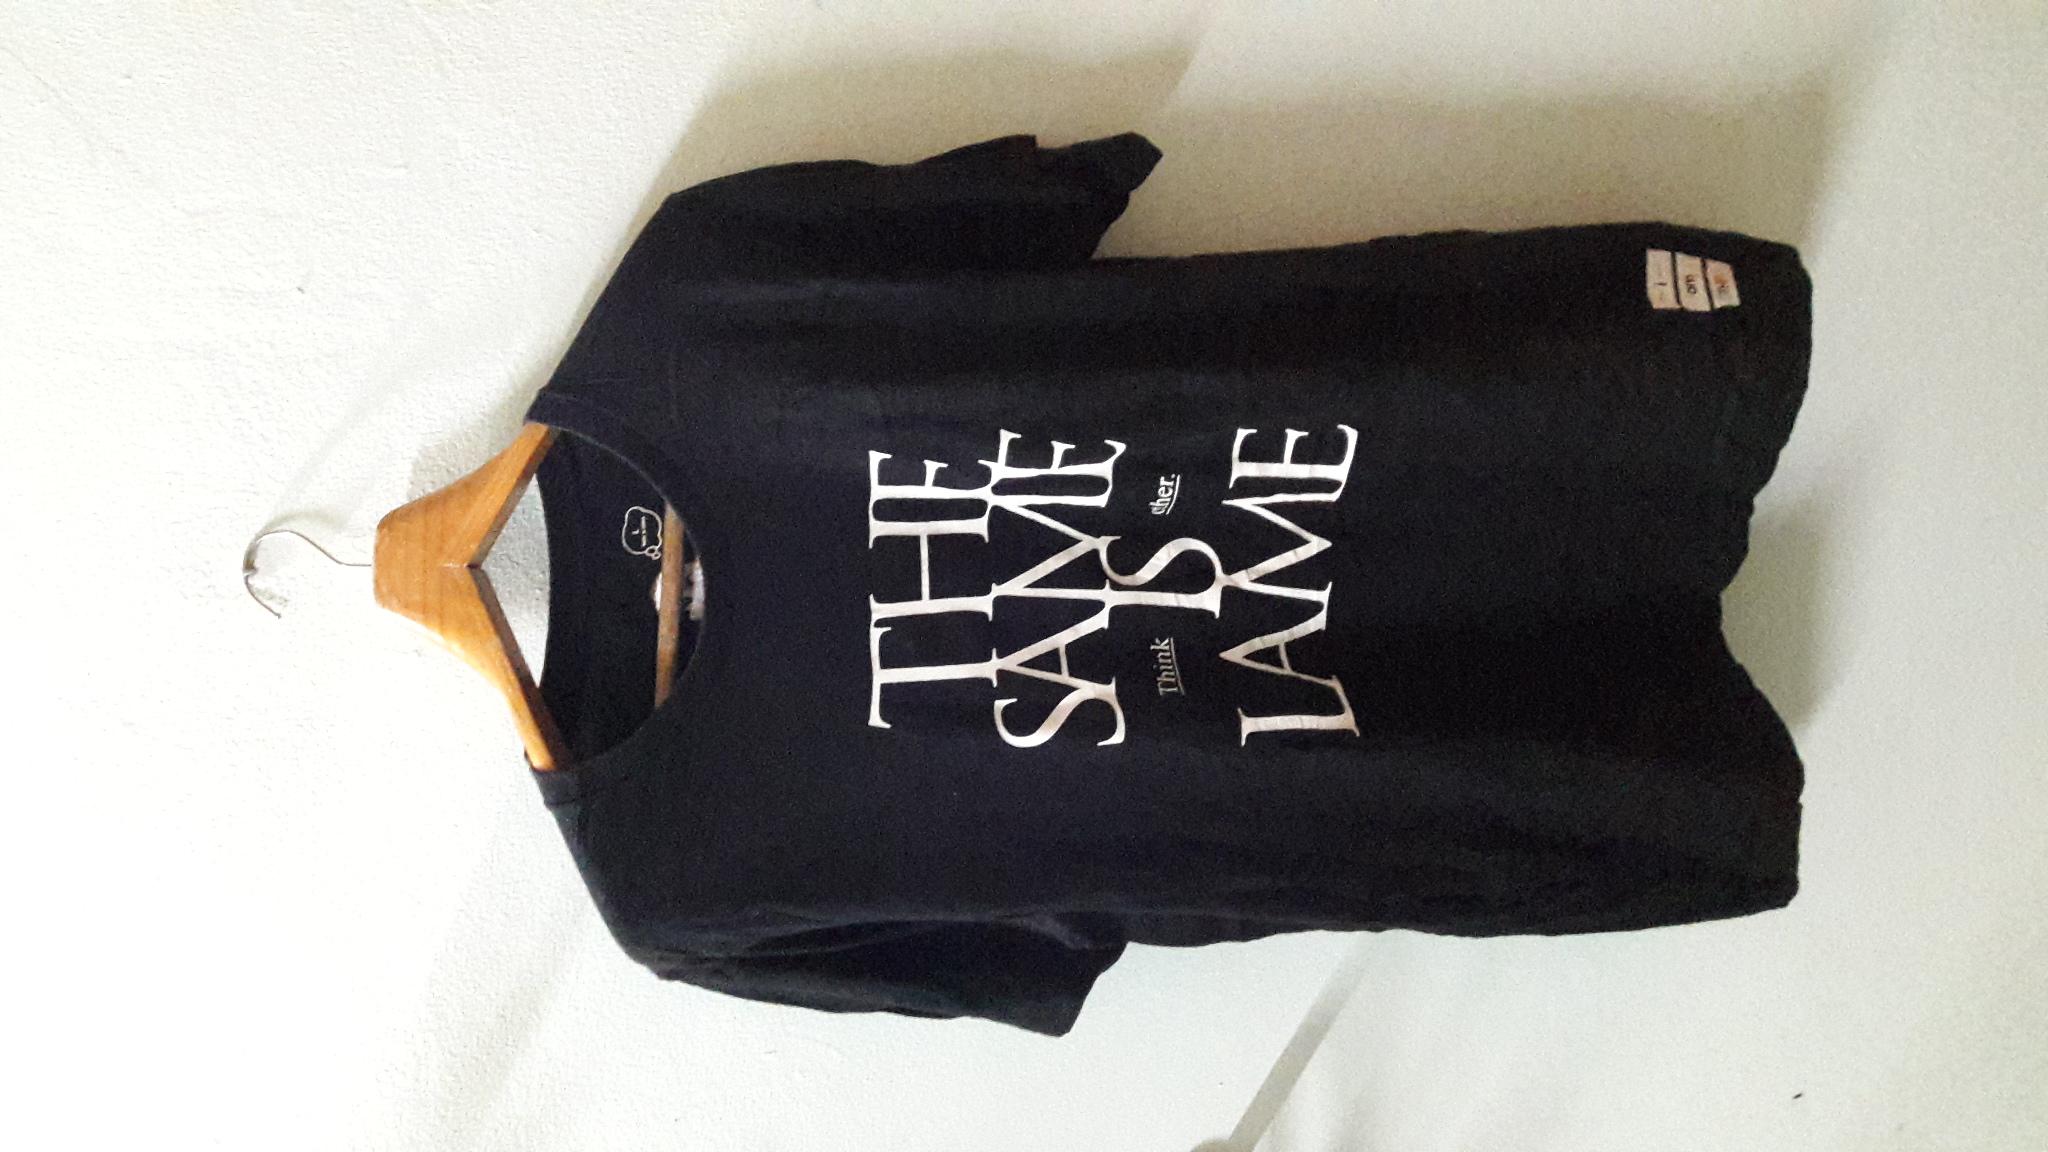 9e1cc1d64e86e Uniqlo Pharrell Williams X Uniqlo I Am Other   Street Fashions Supreme  Undercover Streetwear Designer